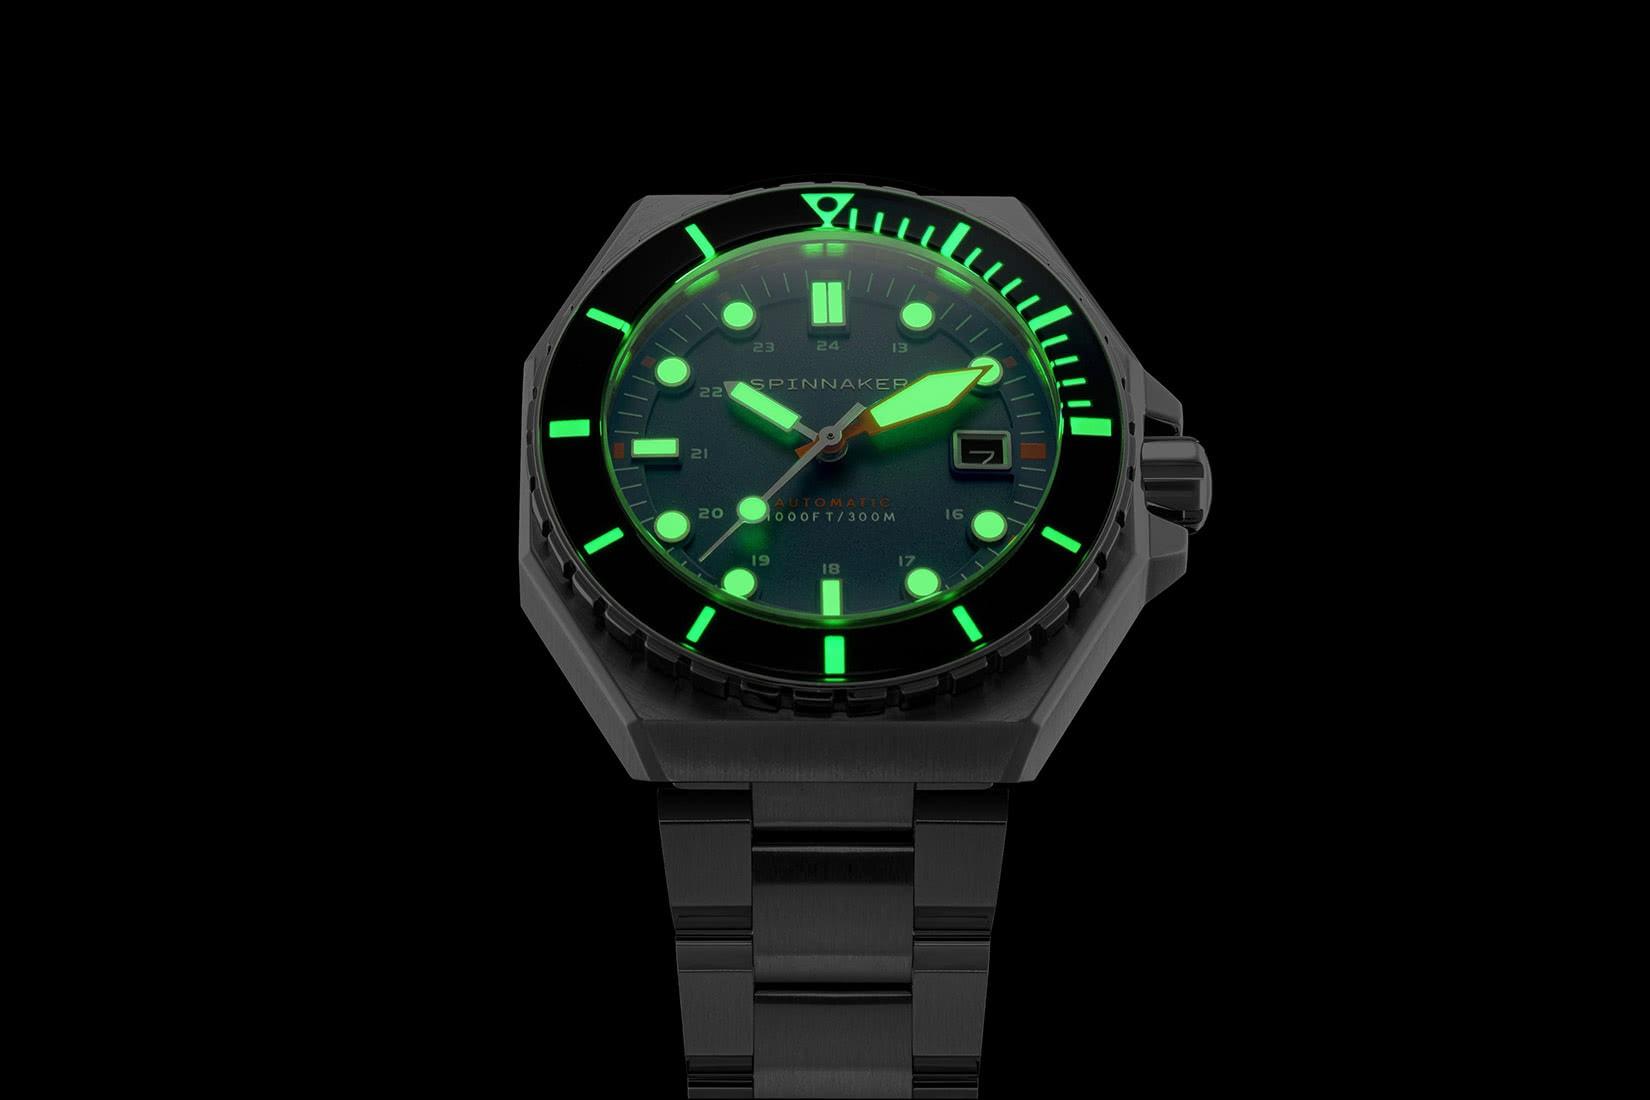 Spinnaker watches review Dumas lumin - Luxe Digital